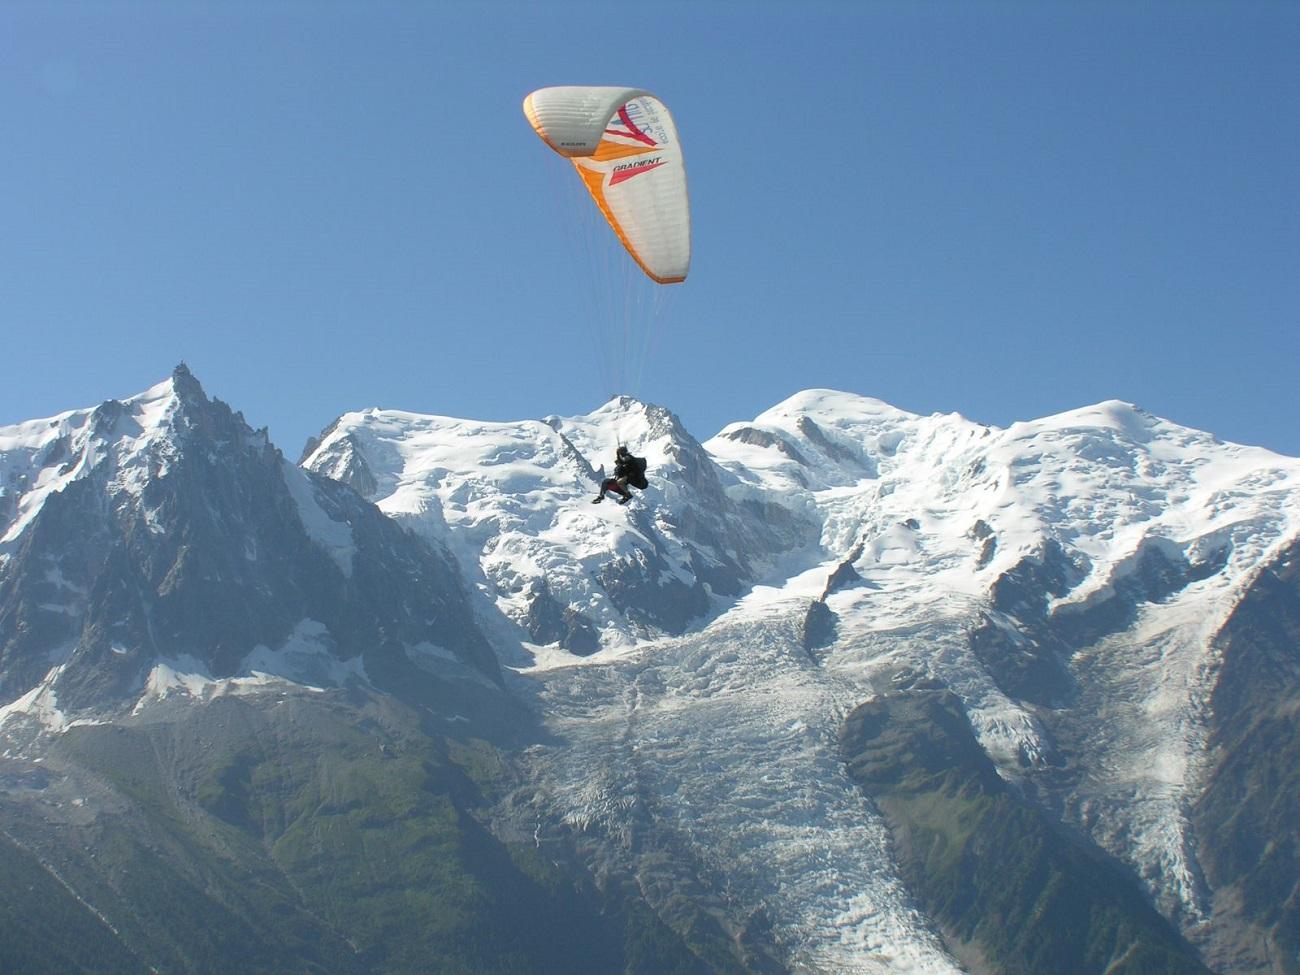 Aventurierii aleg să plutească peste crestele munţilor